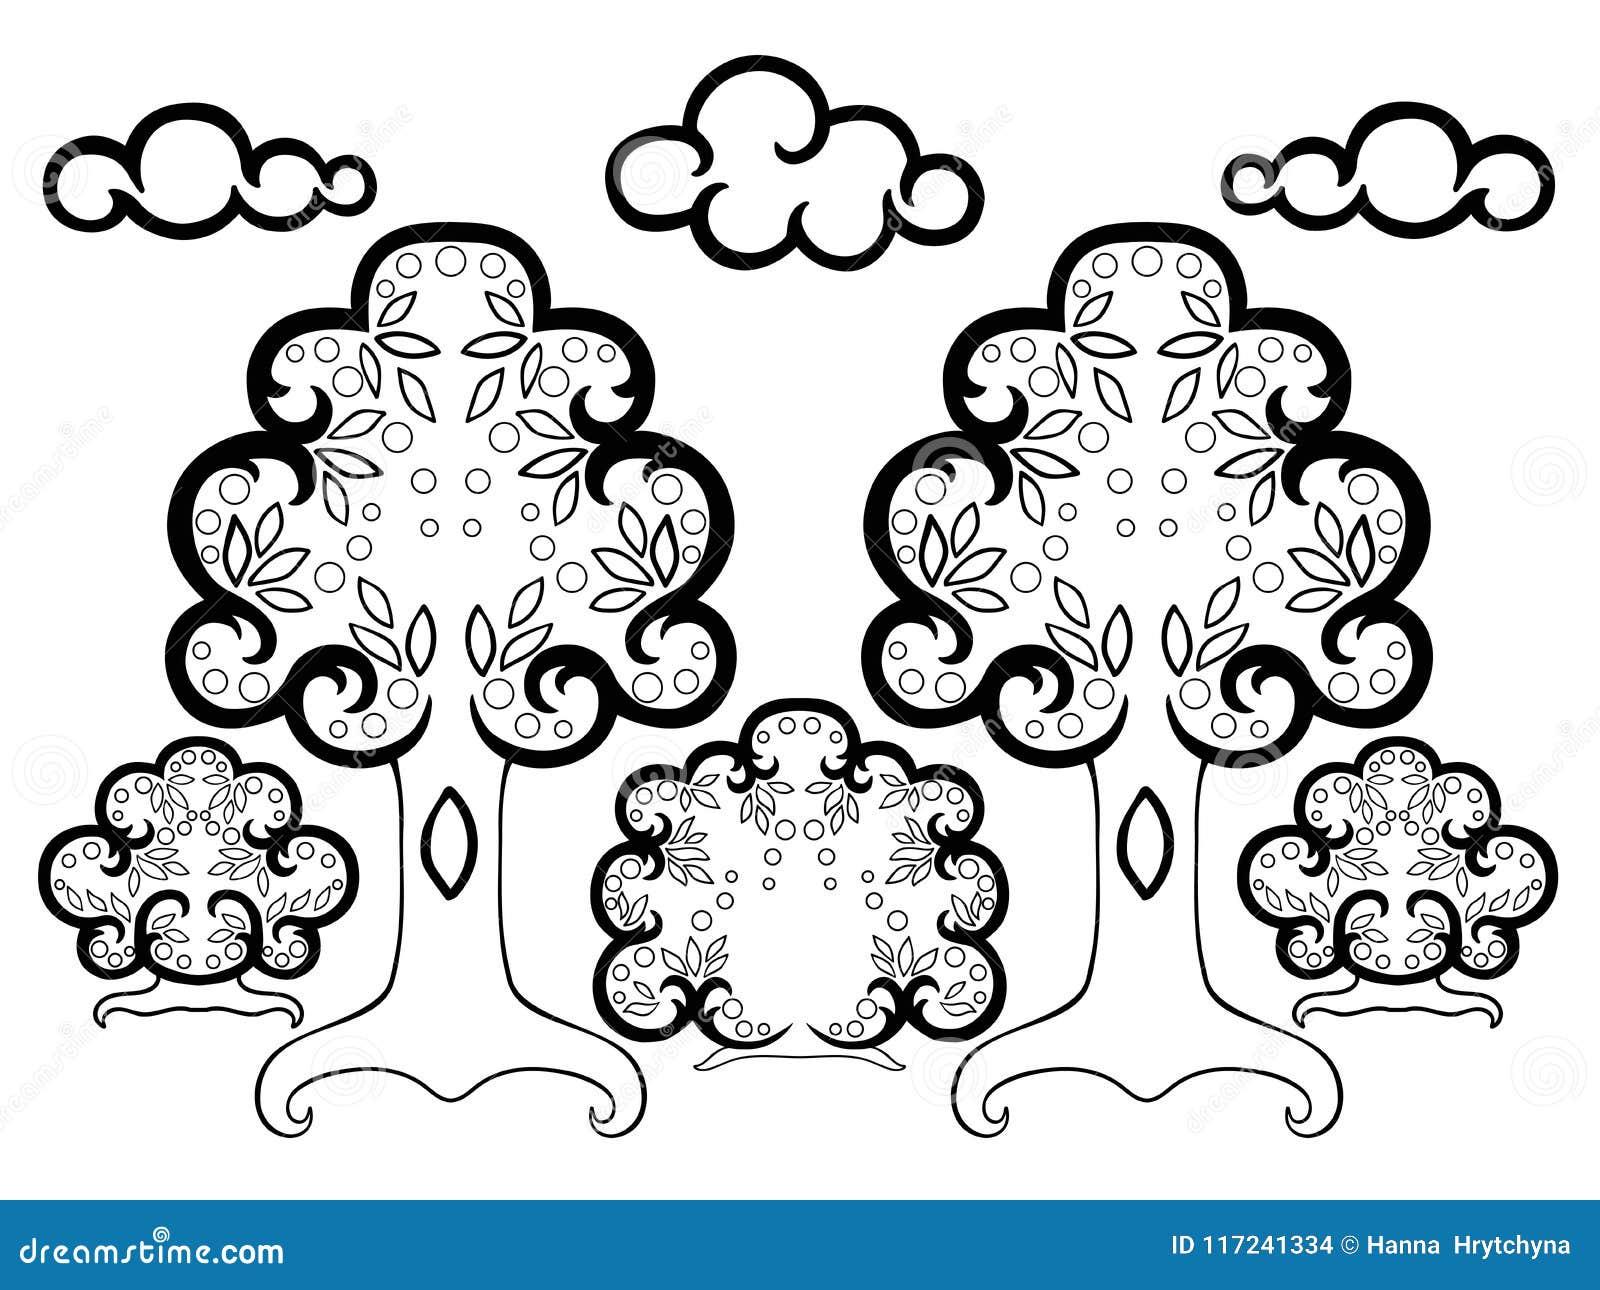 Dibujos Para Colorear De Arboles Frutales: Dibujo De Árbol Animado Para